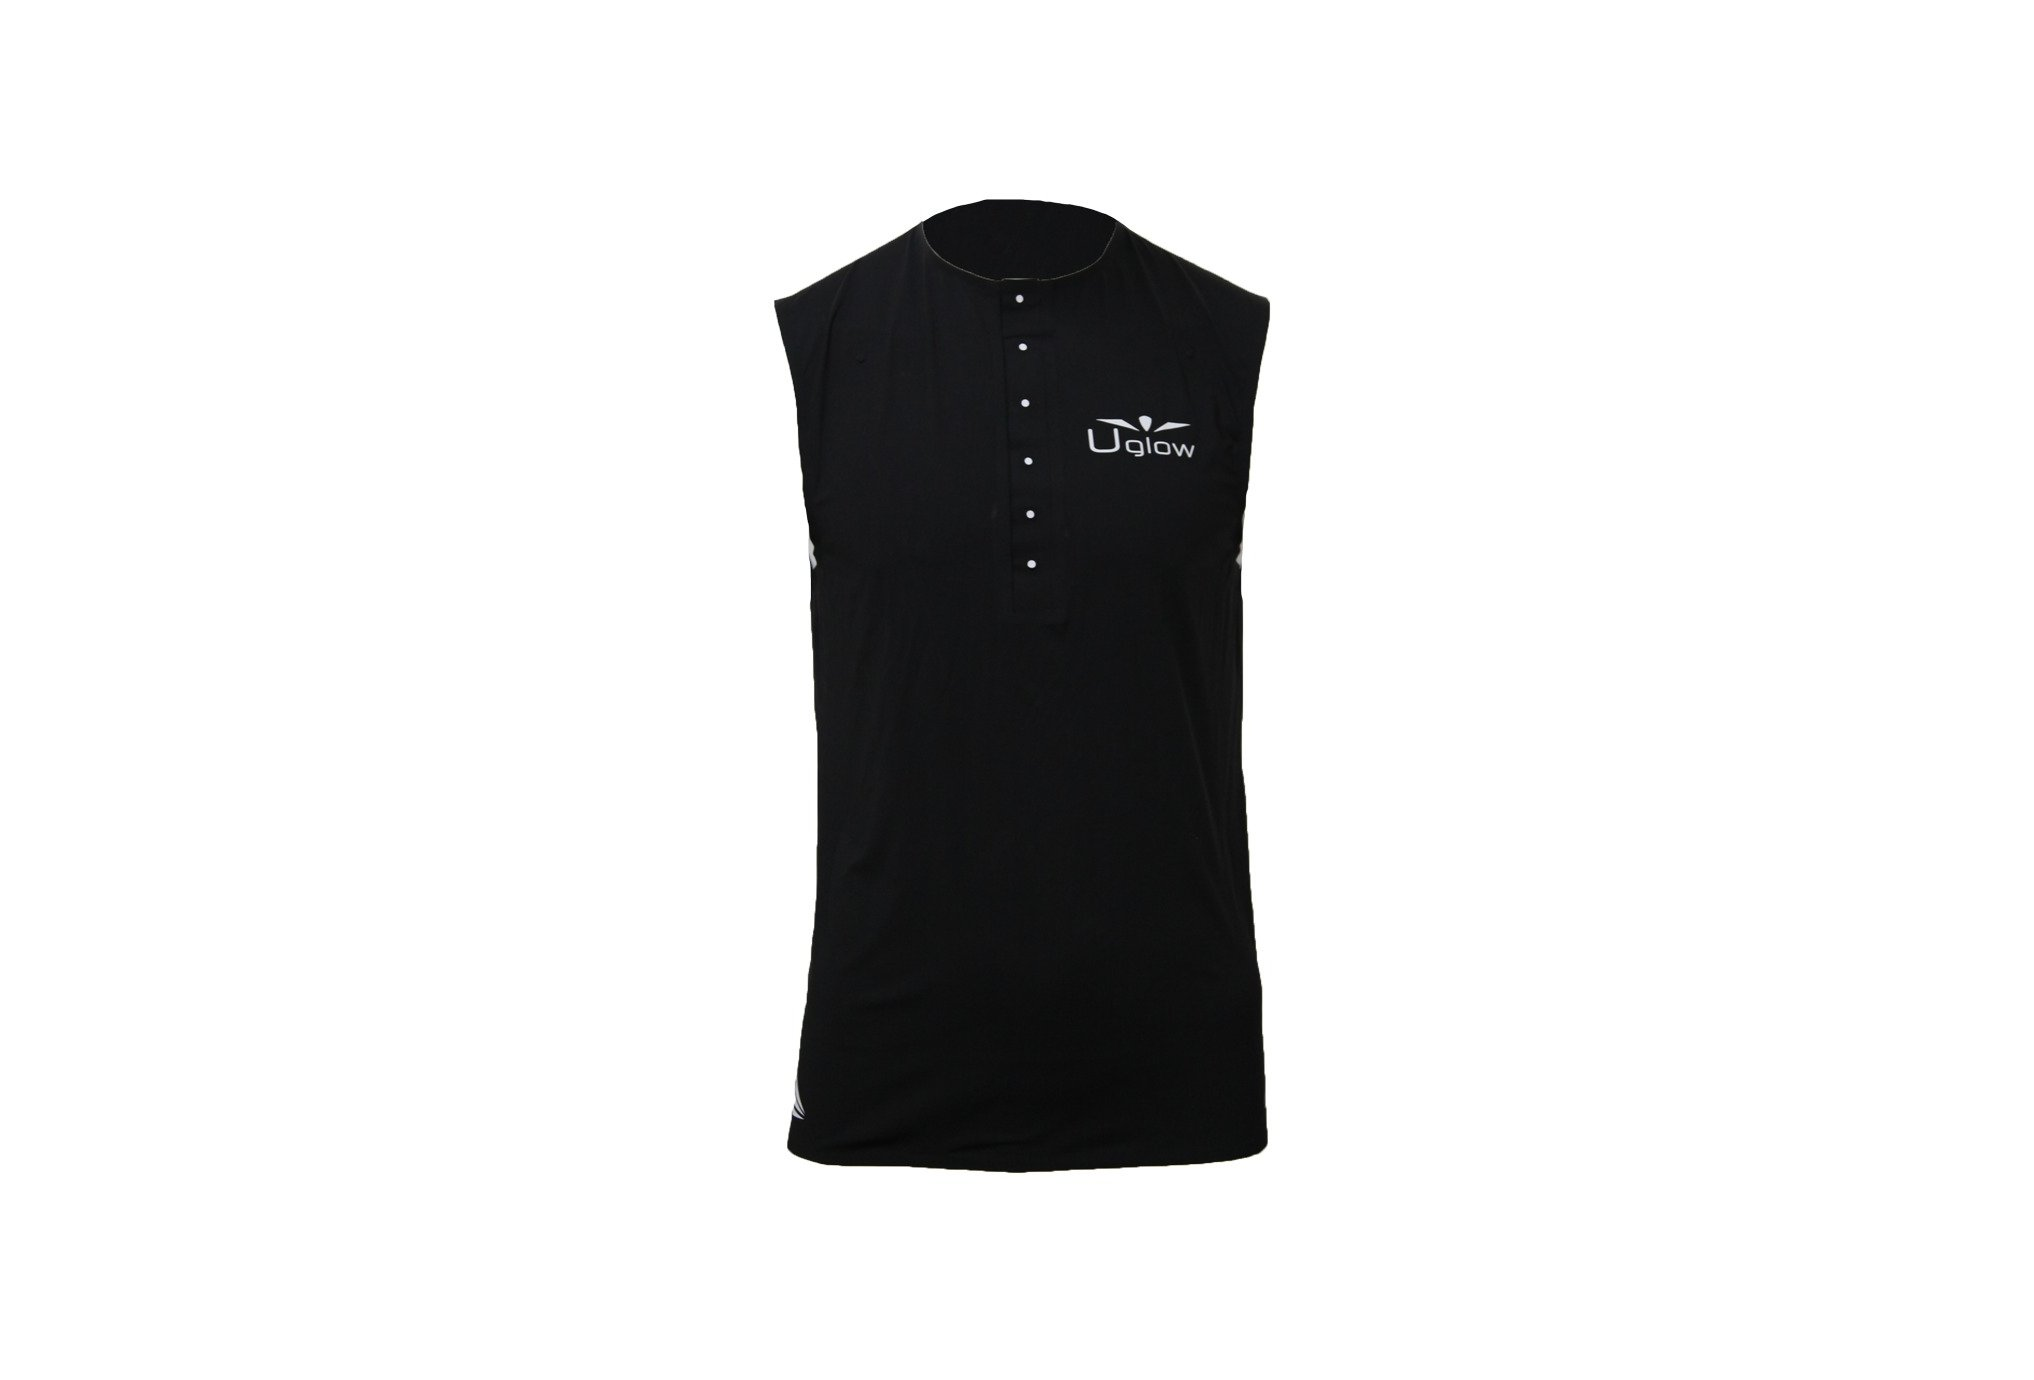 Uglow Débardeur Magnetize Concept M Diététique Vêtements homme